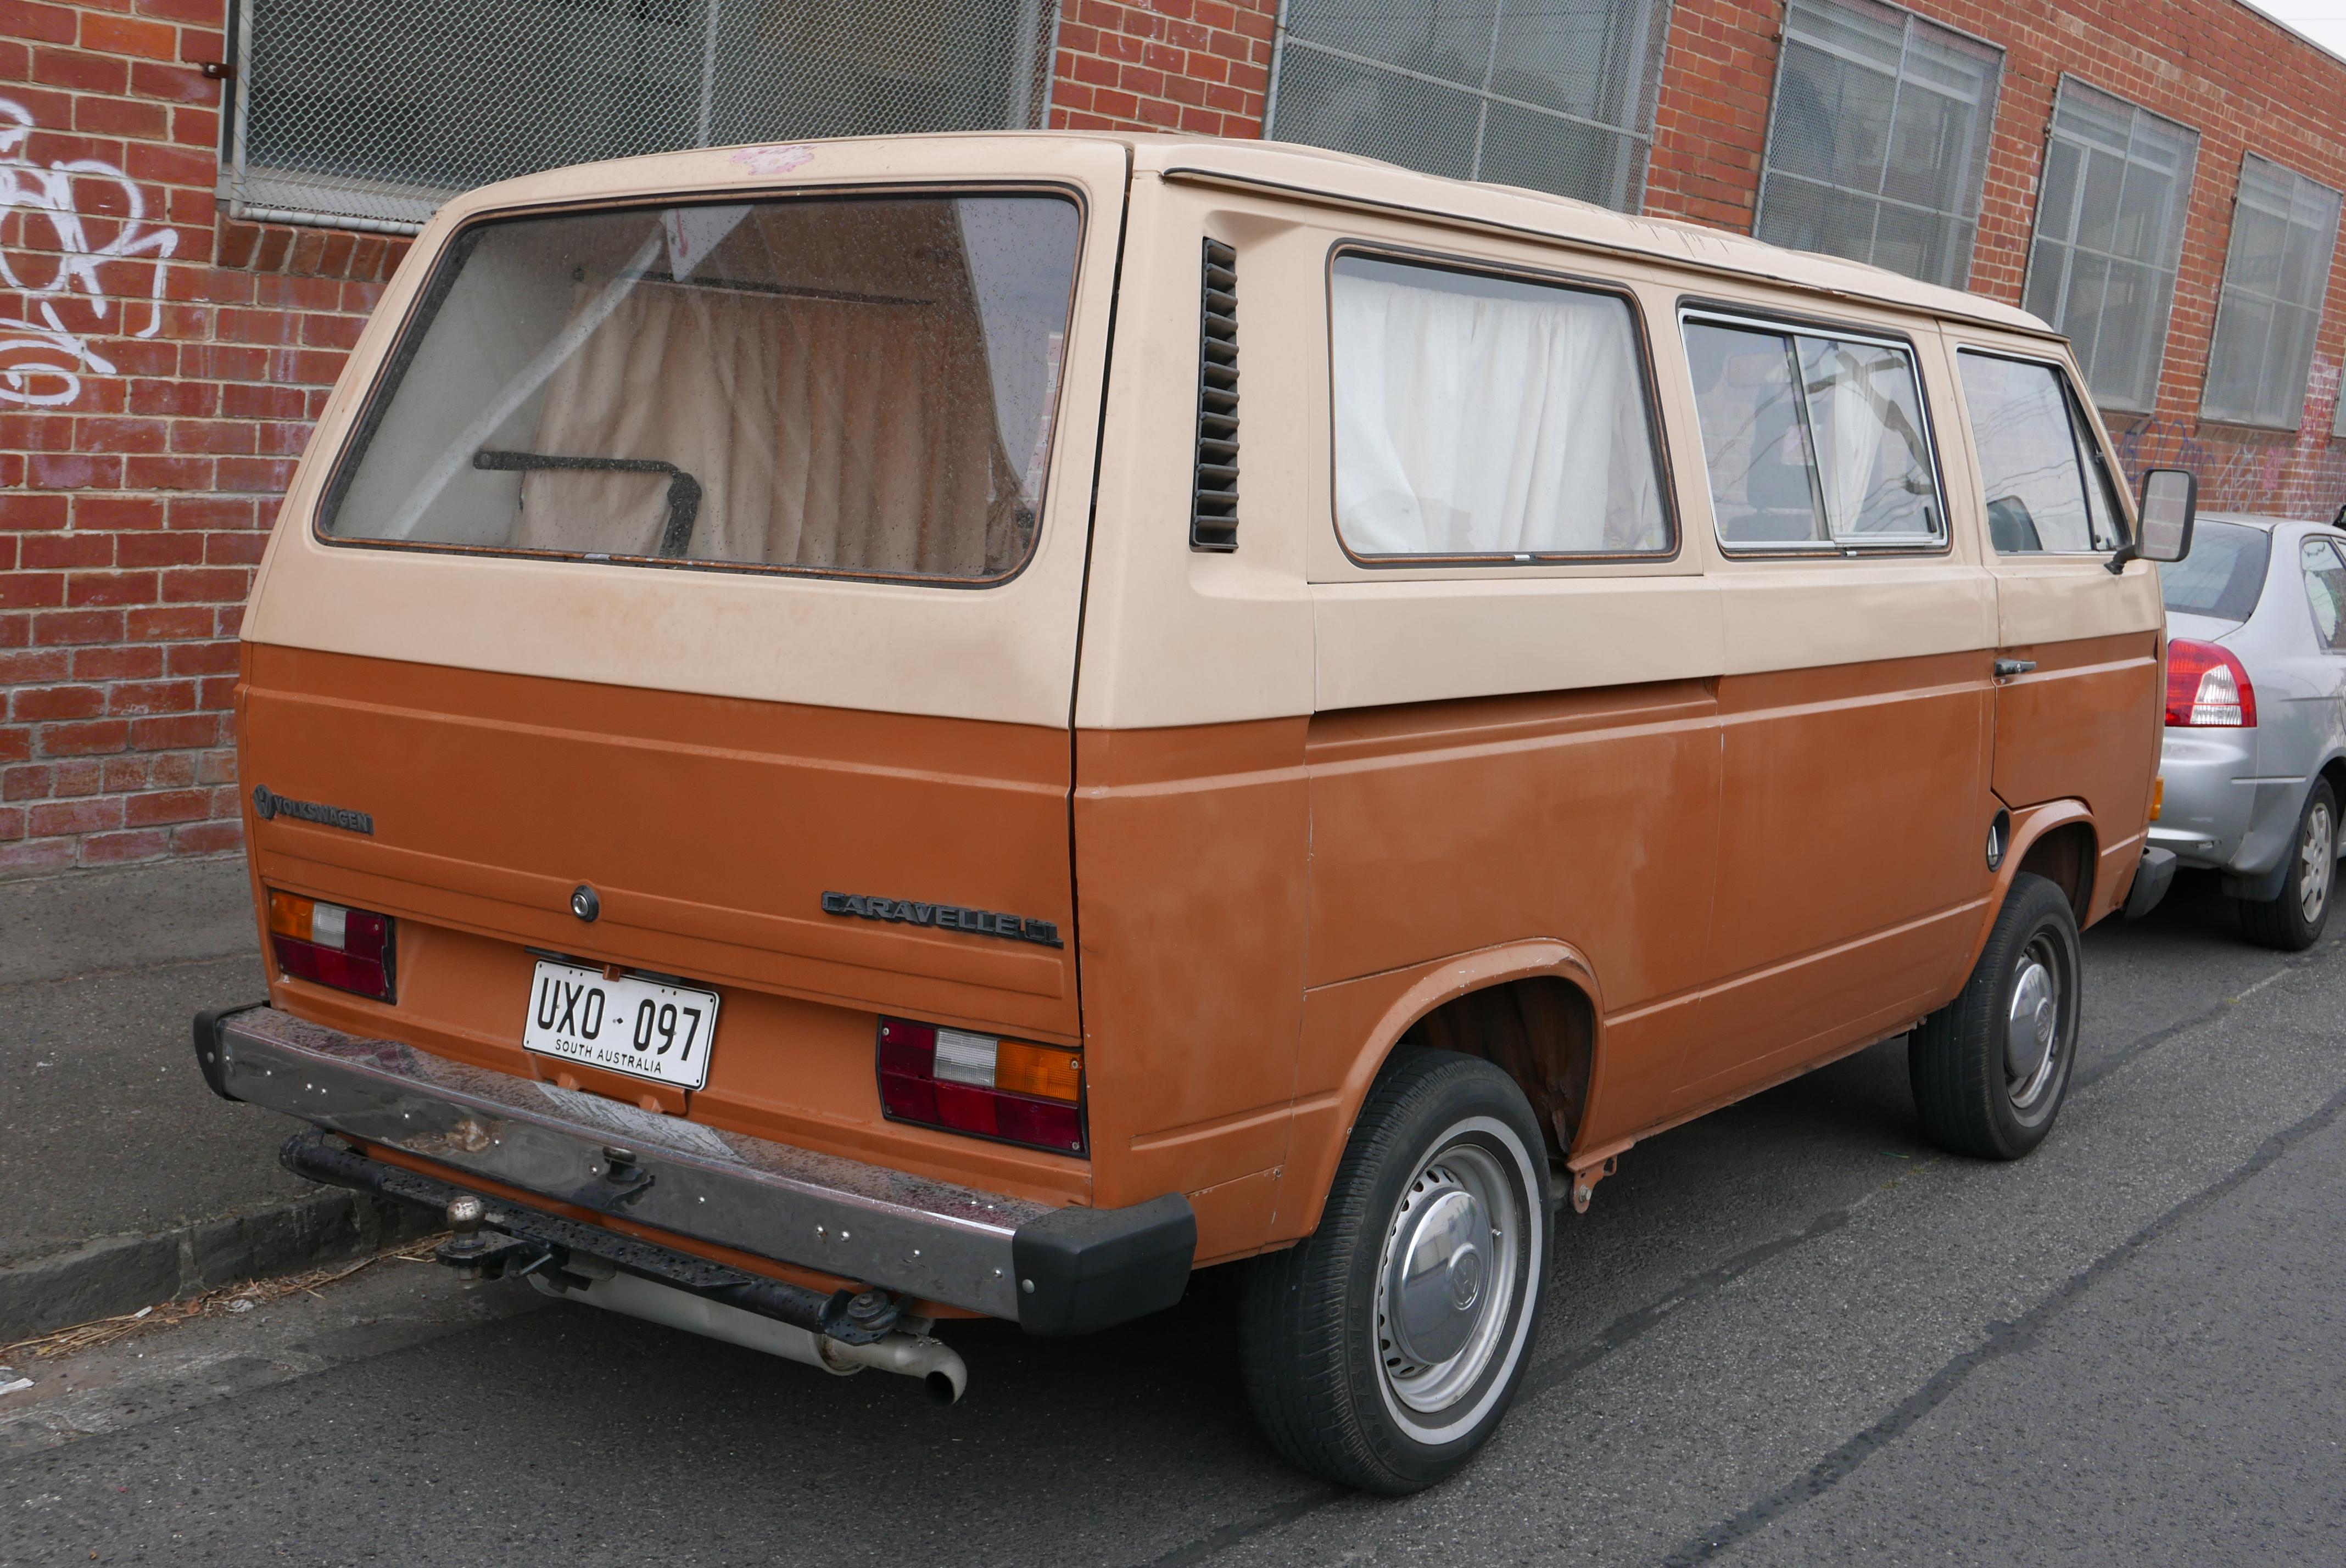 1984-1986_Volkswagen_Caravelle_(253)_CL_